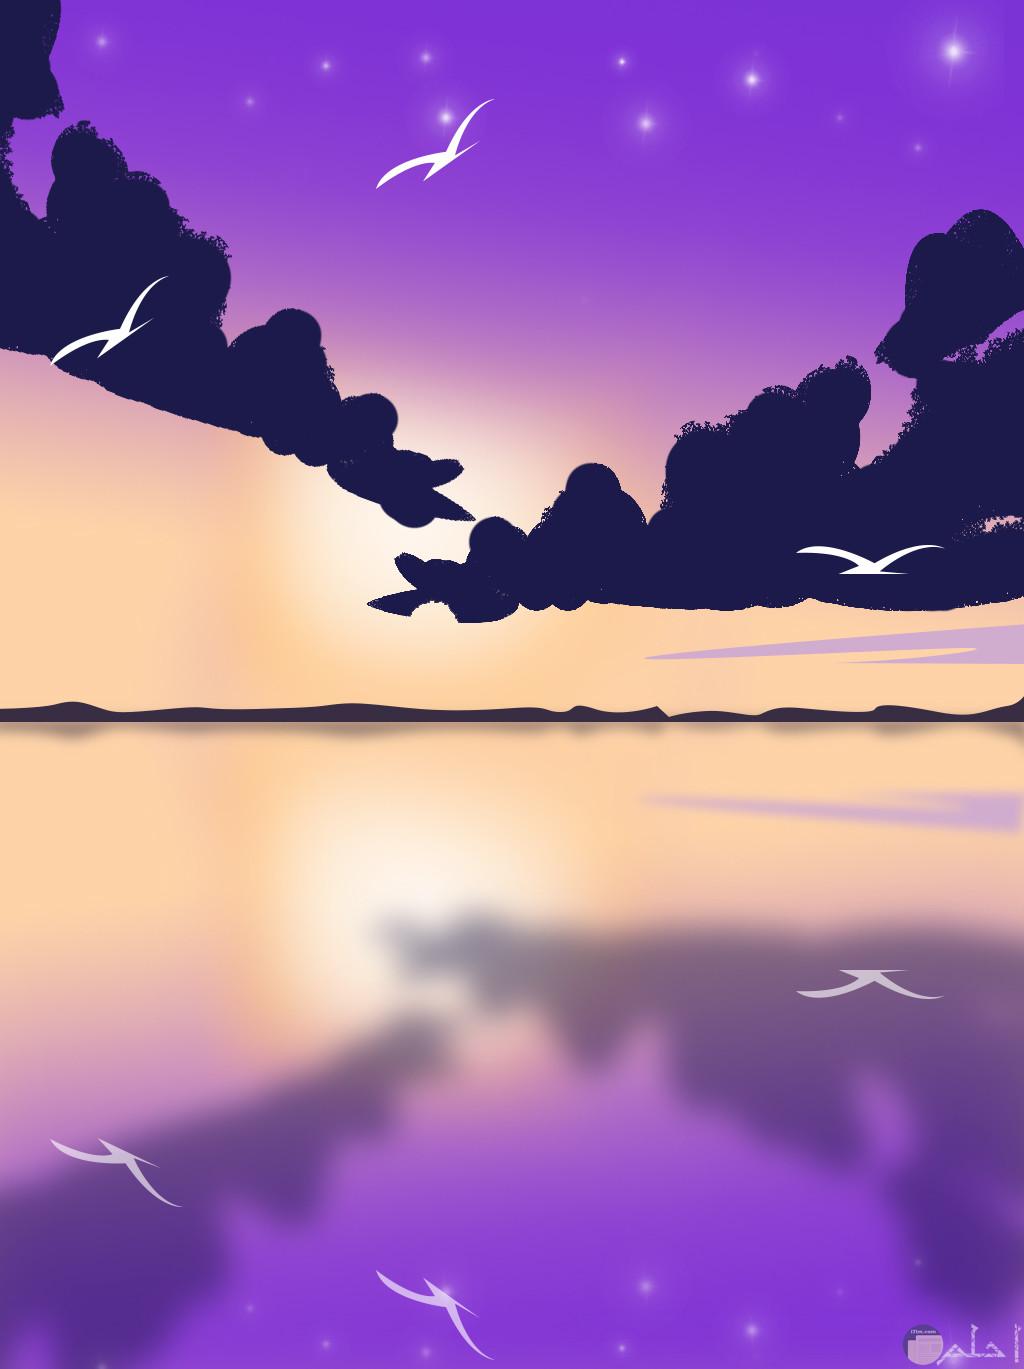 السماء و الغيوم باللون البنفسجي.